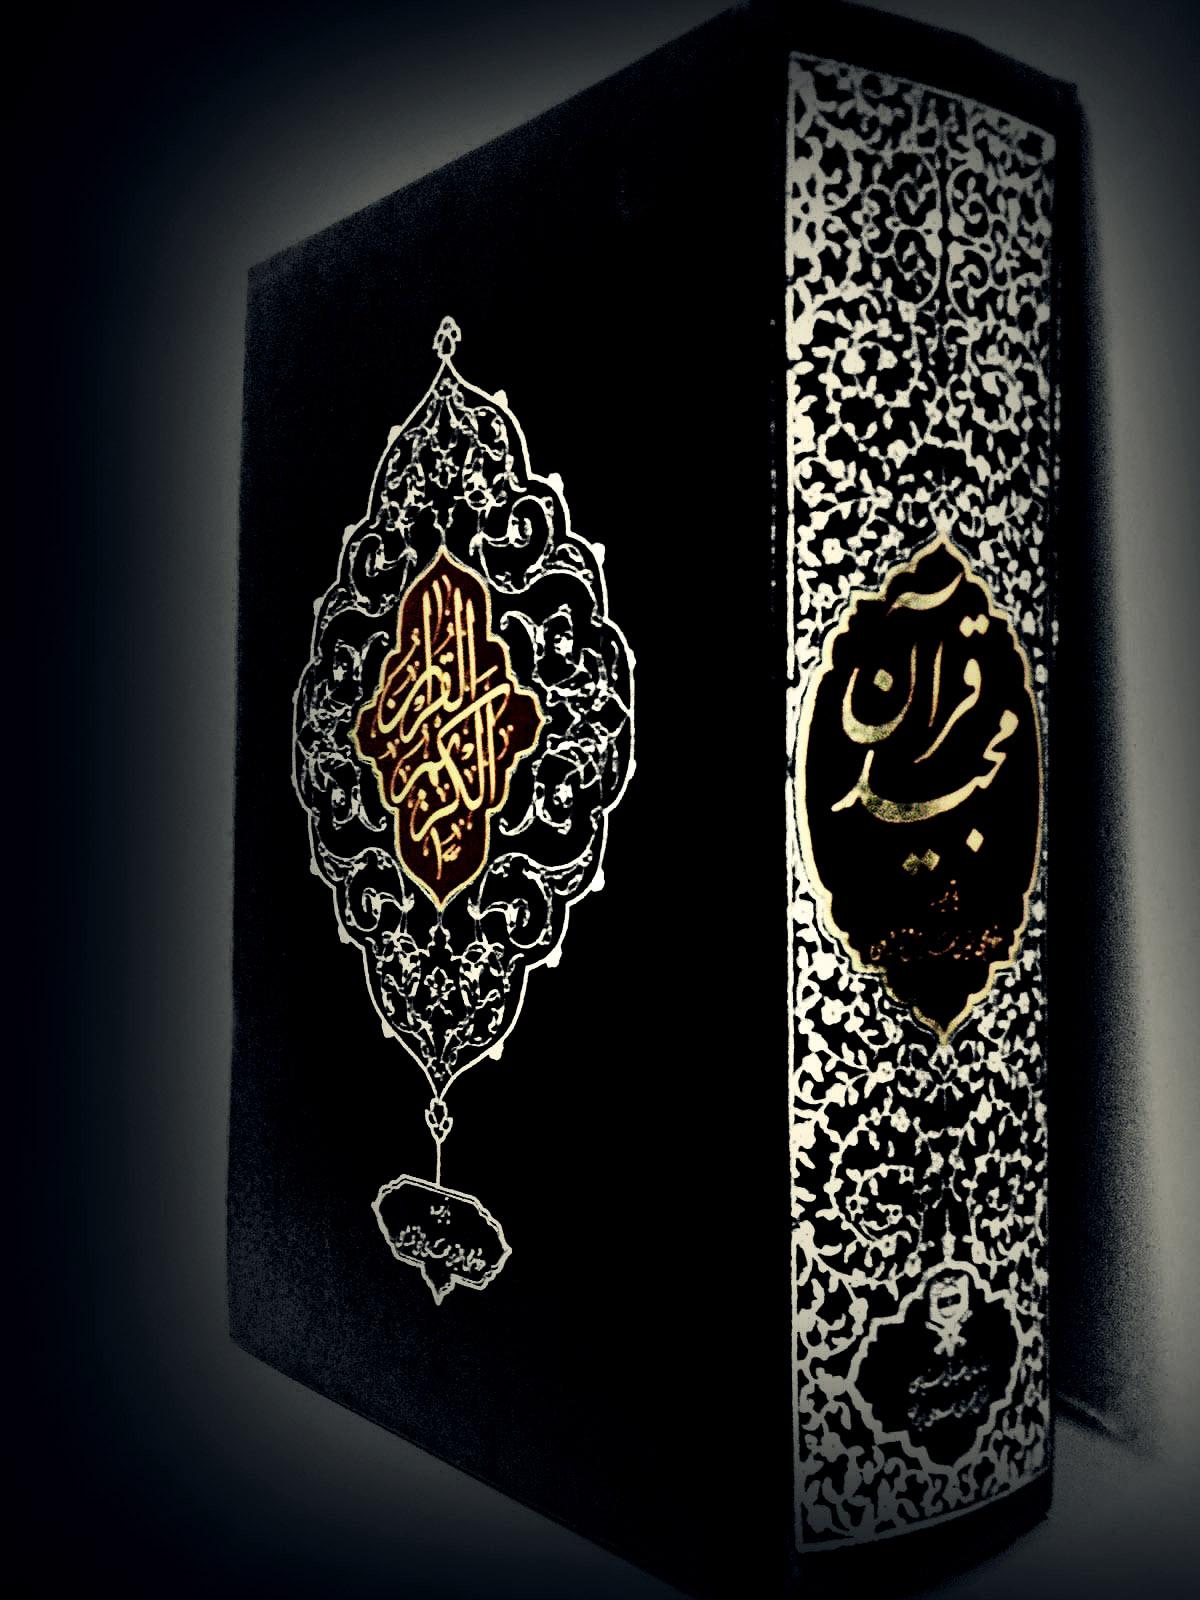 http://2.bp.blogspot.com/-rqvEXNPyIJo/T1dCPO8pBQI/AAAAAAAAXQk/Le_CQlgLACQ/s1600/Islamic+Wallpaper.jpg